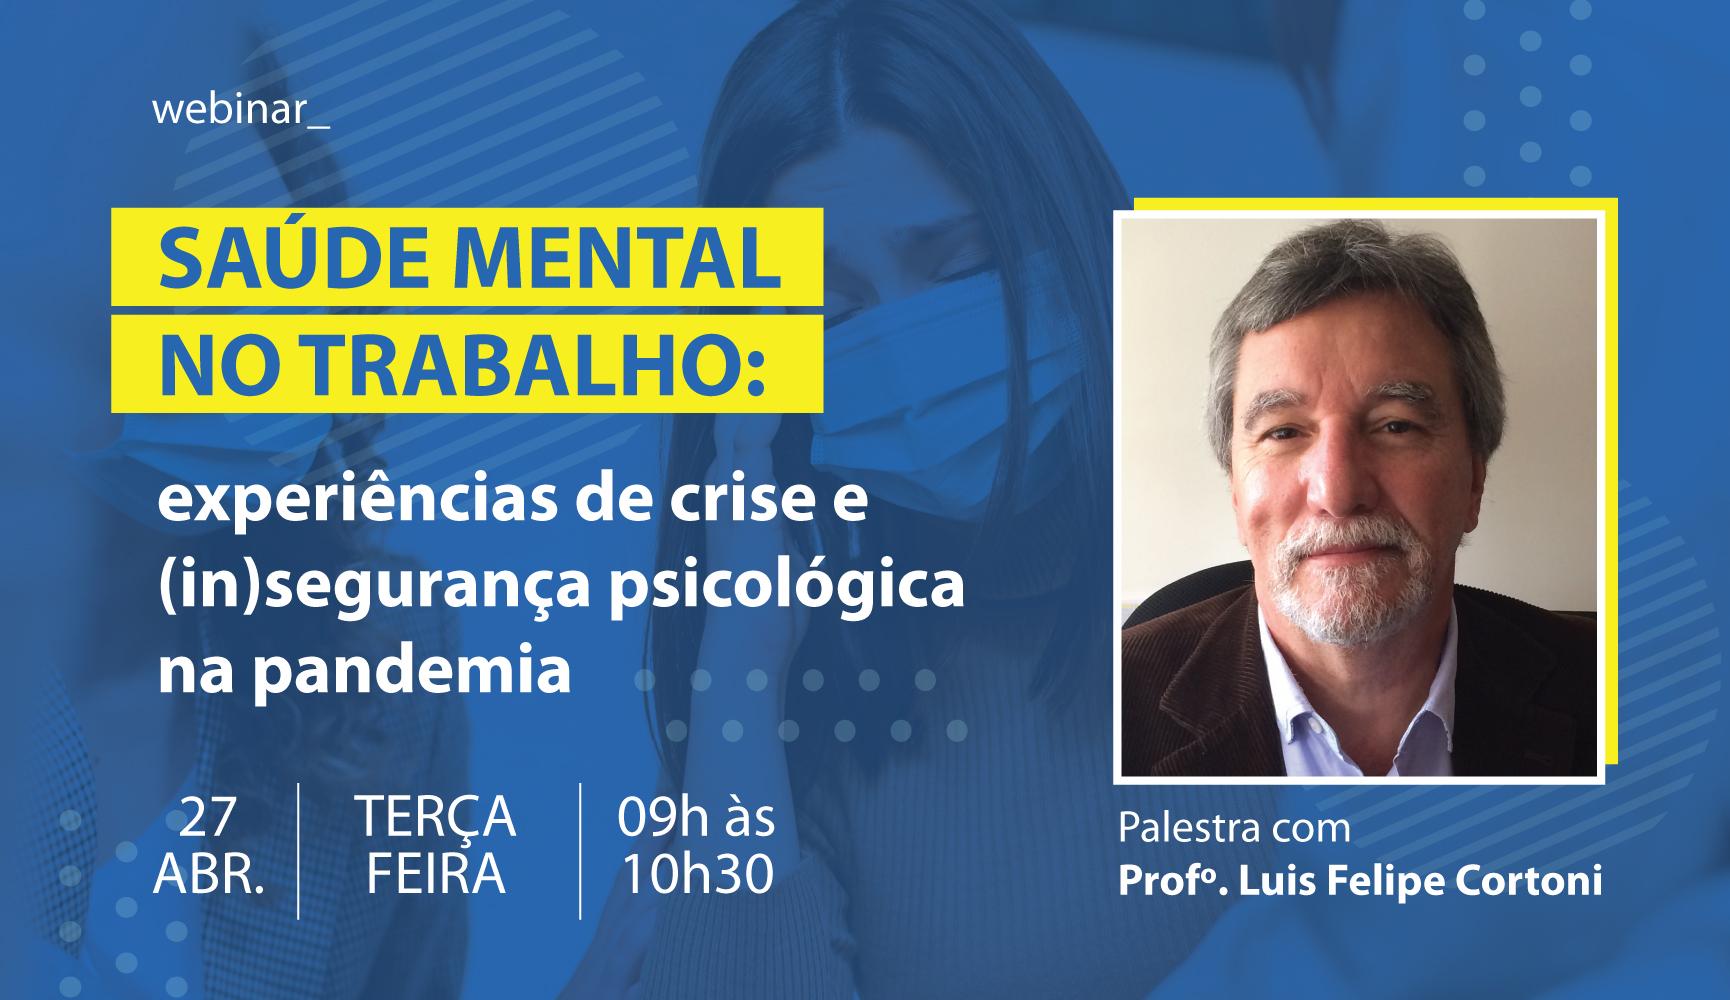 Saúde mental no trabalho:  experiências de crise e (in)segurança psicológica na pandemia